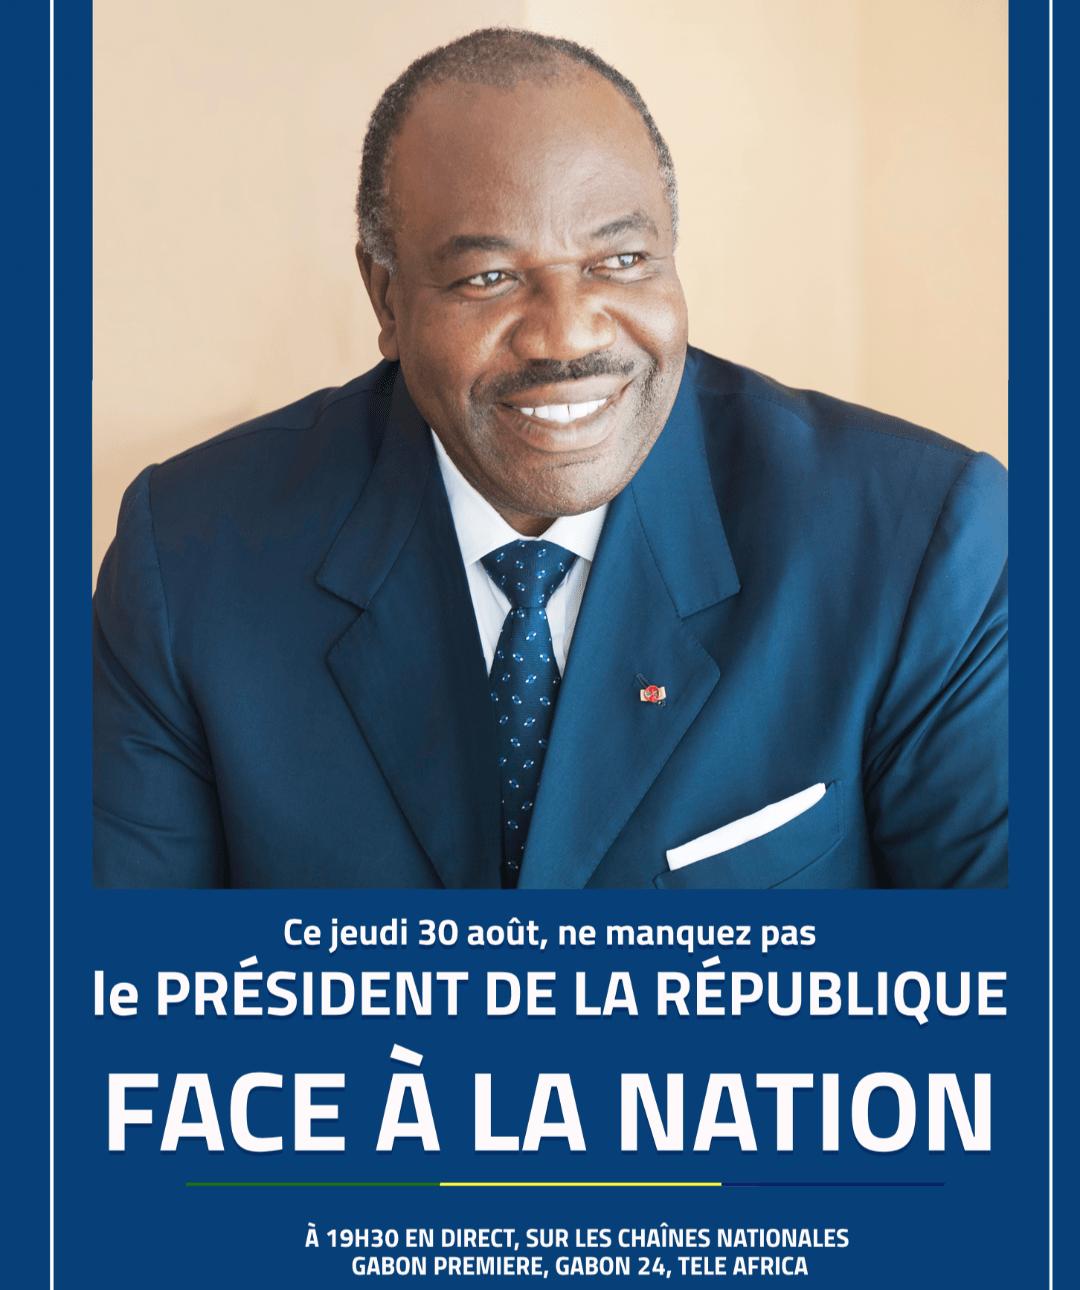 Face à la Nation, une émission radio-télévisée pour poser directement les questions au Président Ali Bongo Ondimba